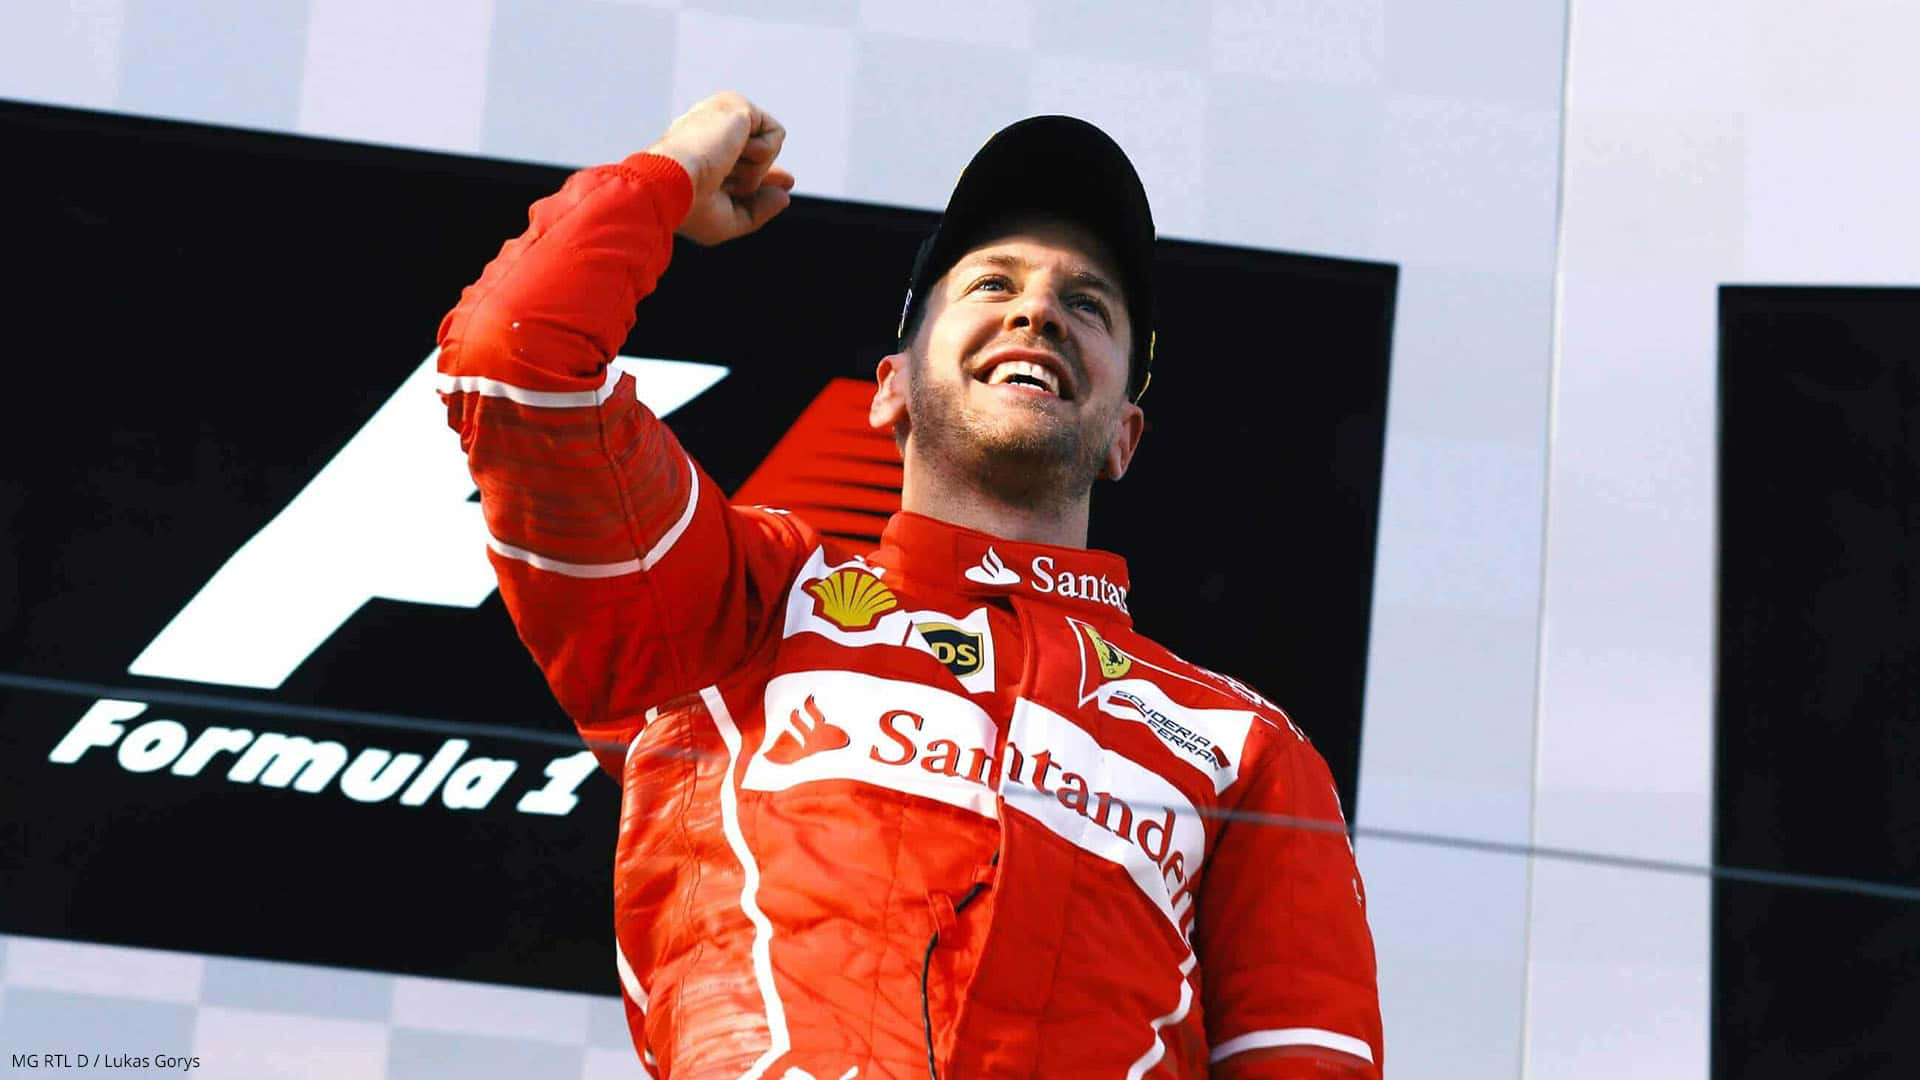 Sebastian Vettel reckt die Faust zum Formel 1 Sieg